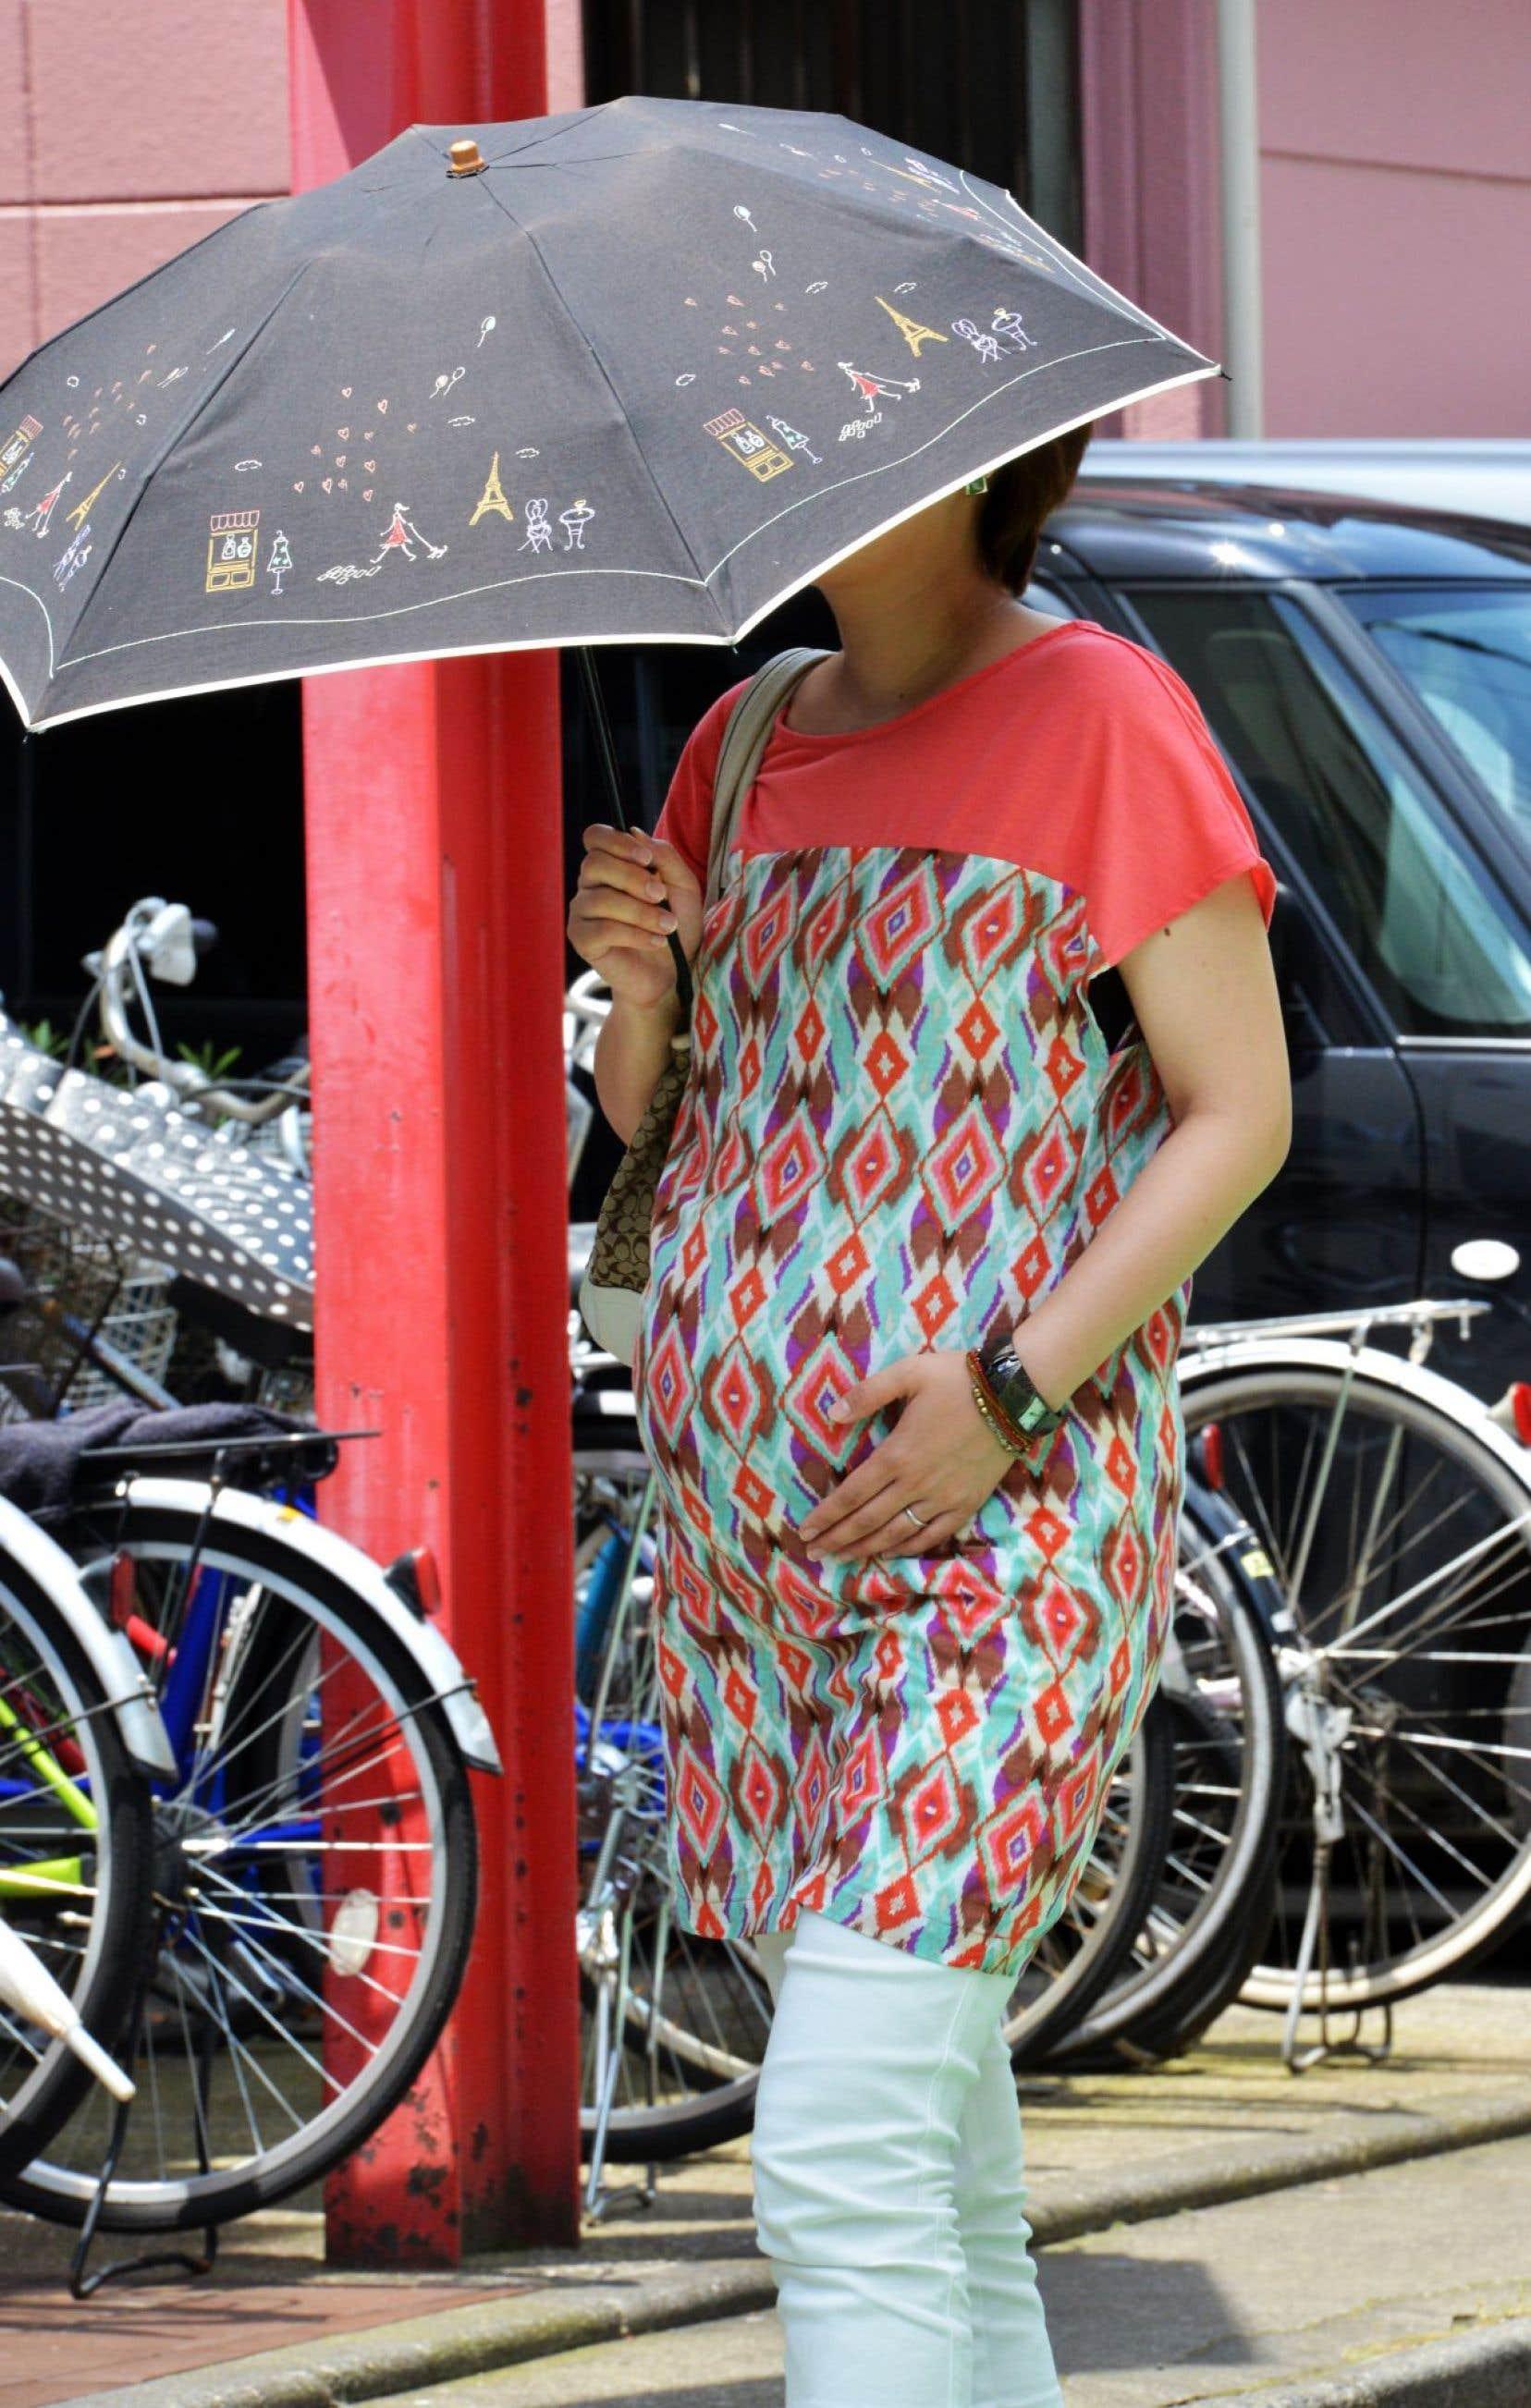 Expression en vogue pour évoquer le harcèlement maternel, le «matahara» frappe femmes enceintes et jeunes mères dans un marché du travail nippon dopé à la testostérone qui les marginalise quand il ne les exclut pas. Résultat, les femmes occupent en majorité des emplois précaires ou à temps partiel, notamment à cause du manque de crèches.